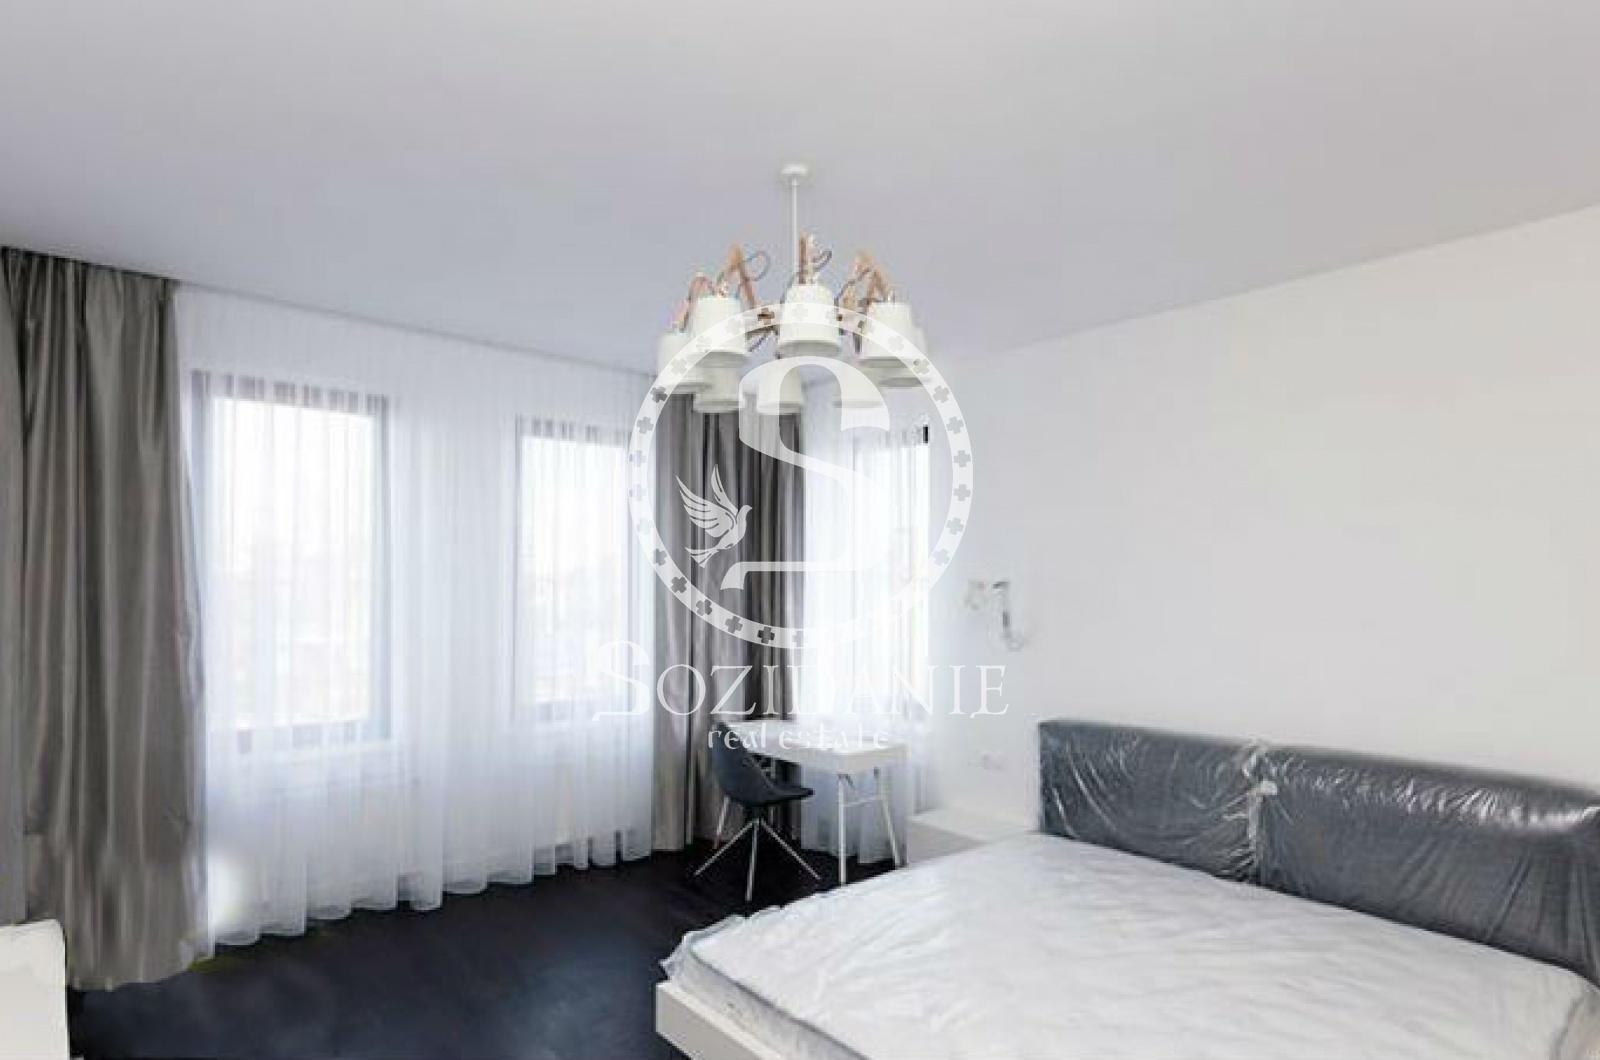 5 Bedrooms, Загородная, Аренда, Listing ID 2837, Московская область, Россия,